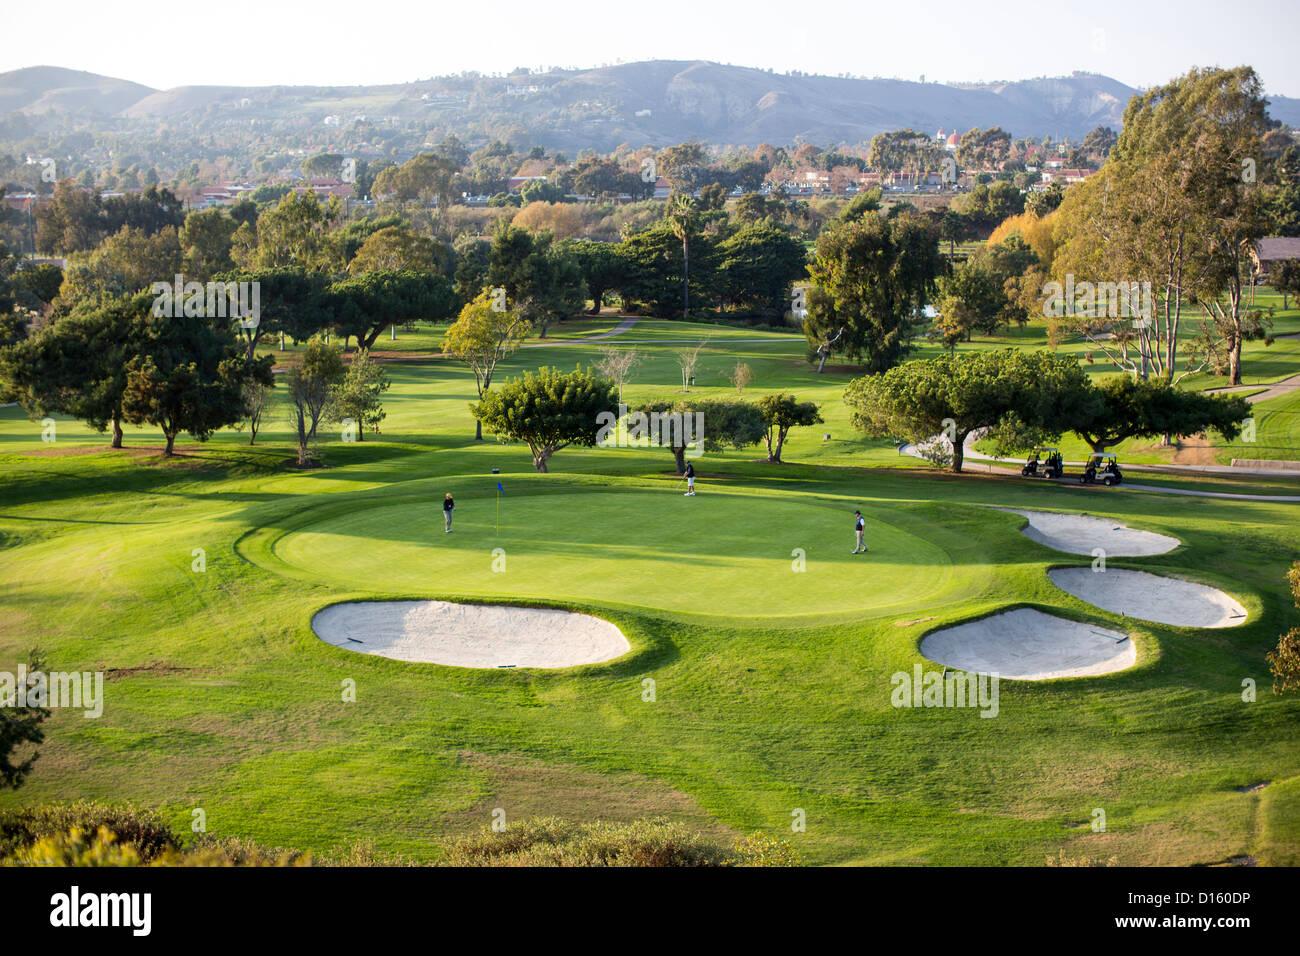 Trois parcours de golf sur un green du San Juan Hills Golf Course à San Juan Capistrano, en Californie. Photo Stock